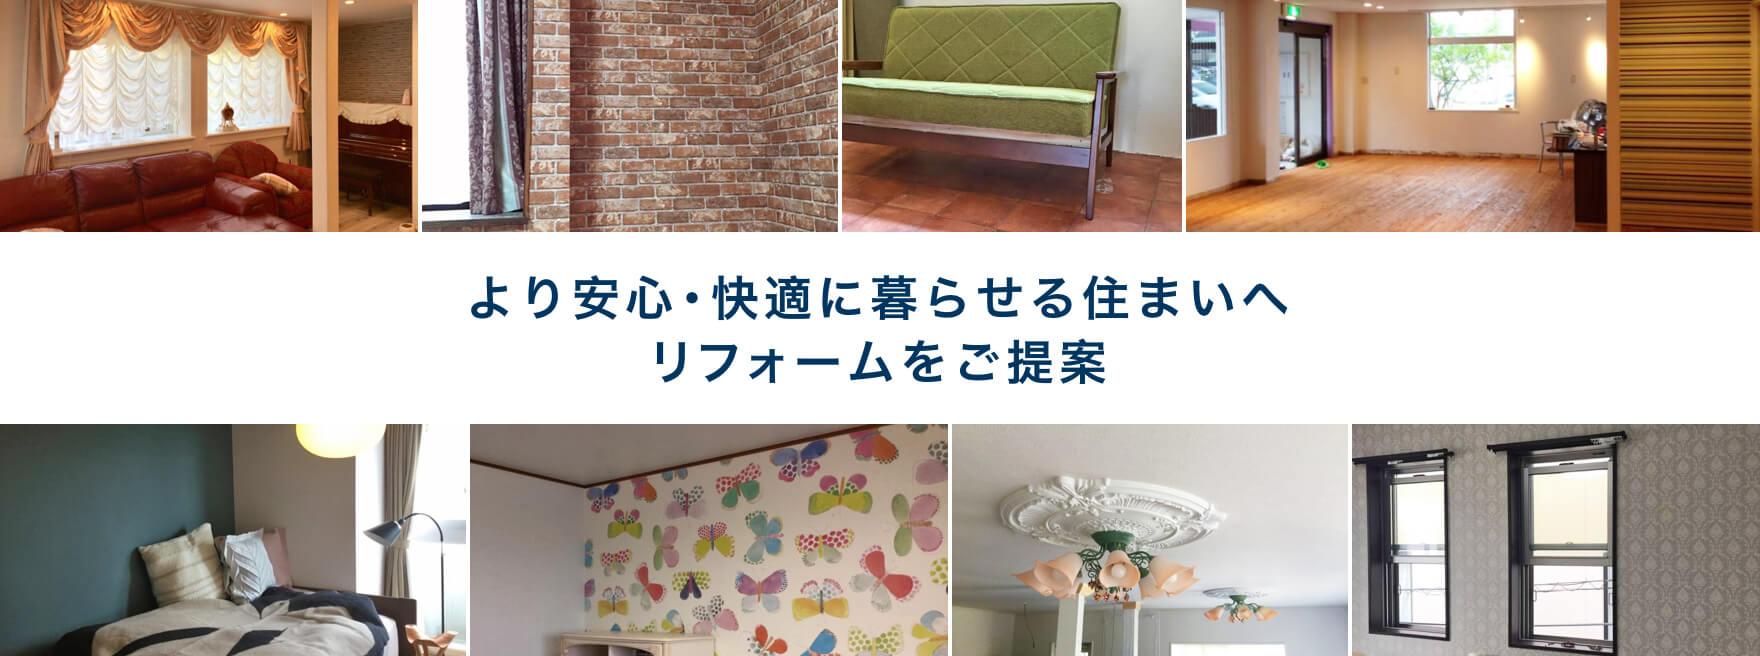 住宅&店舗の内装・改装からインテリアや家具の販売・ご提案まで、九州・熊本でのリフォーム&インテリアはルゥ・インテリアへ!